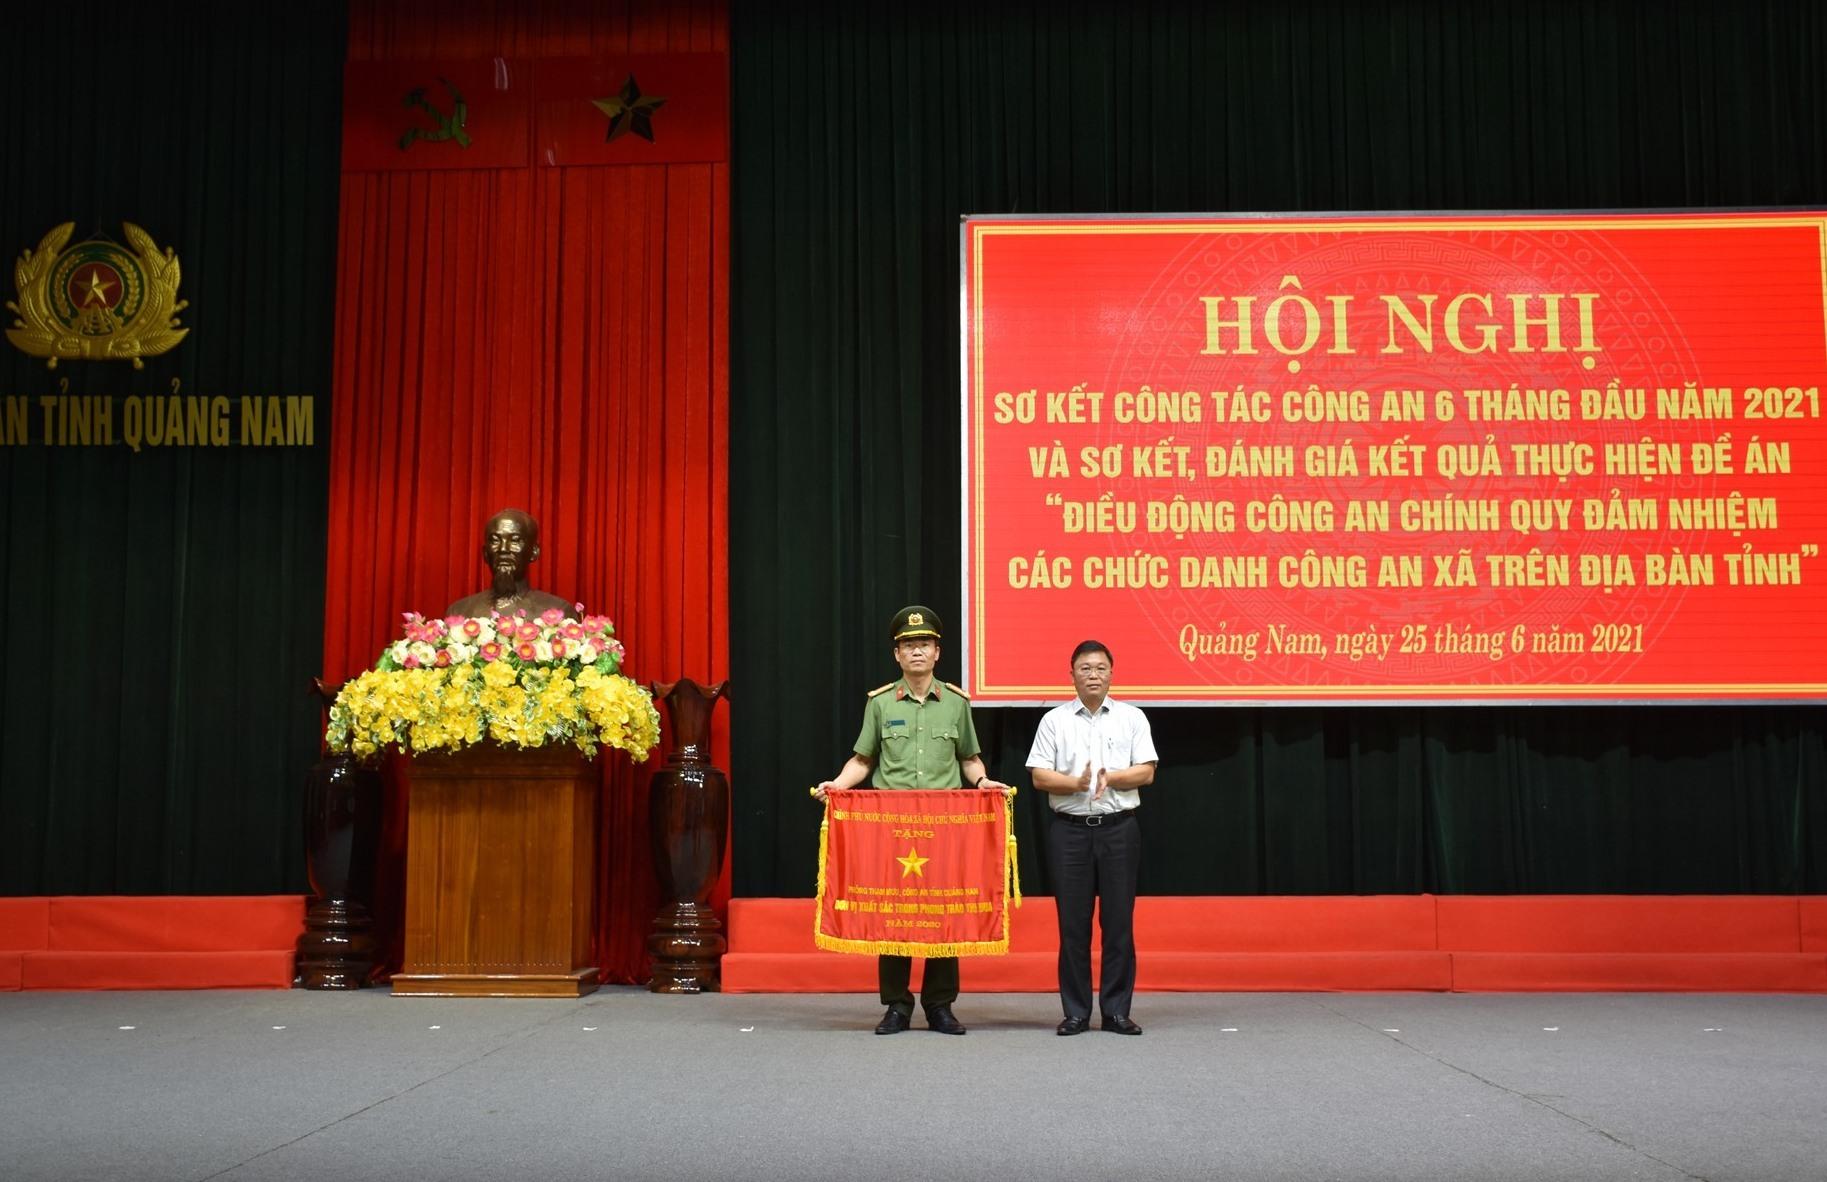 Thừa ủy quyền của Thủ tướng Chính phủ, đồng chí Lê Trí Thanh trao Cờ thi đua của Chính phủ cho Phòng Tham mưu Công an tỉnh.